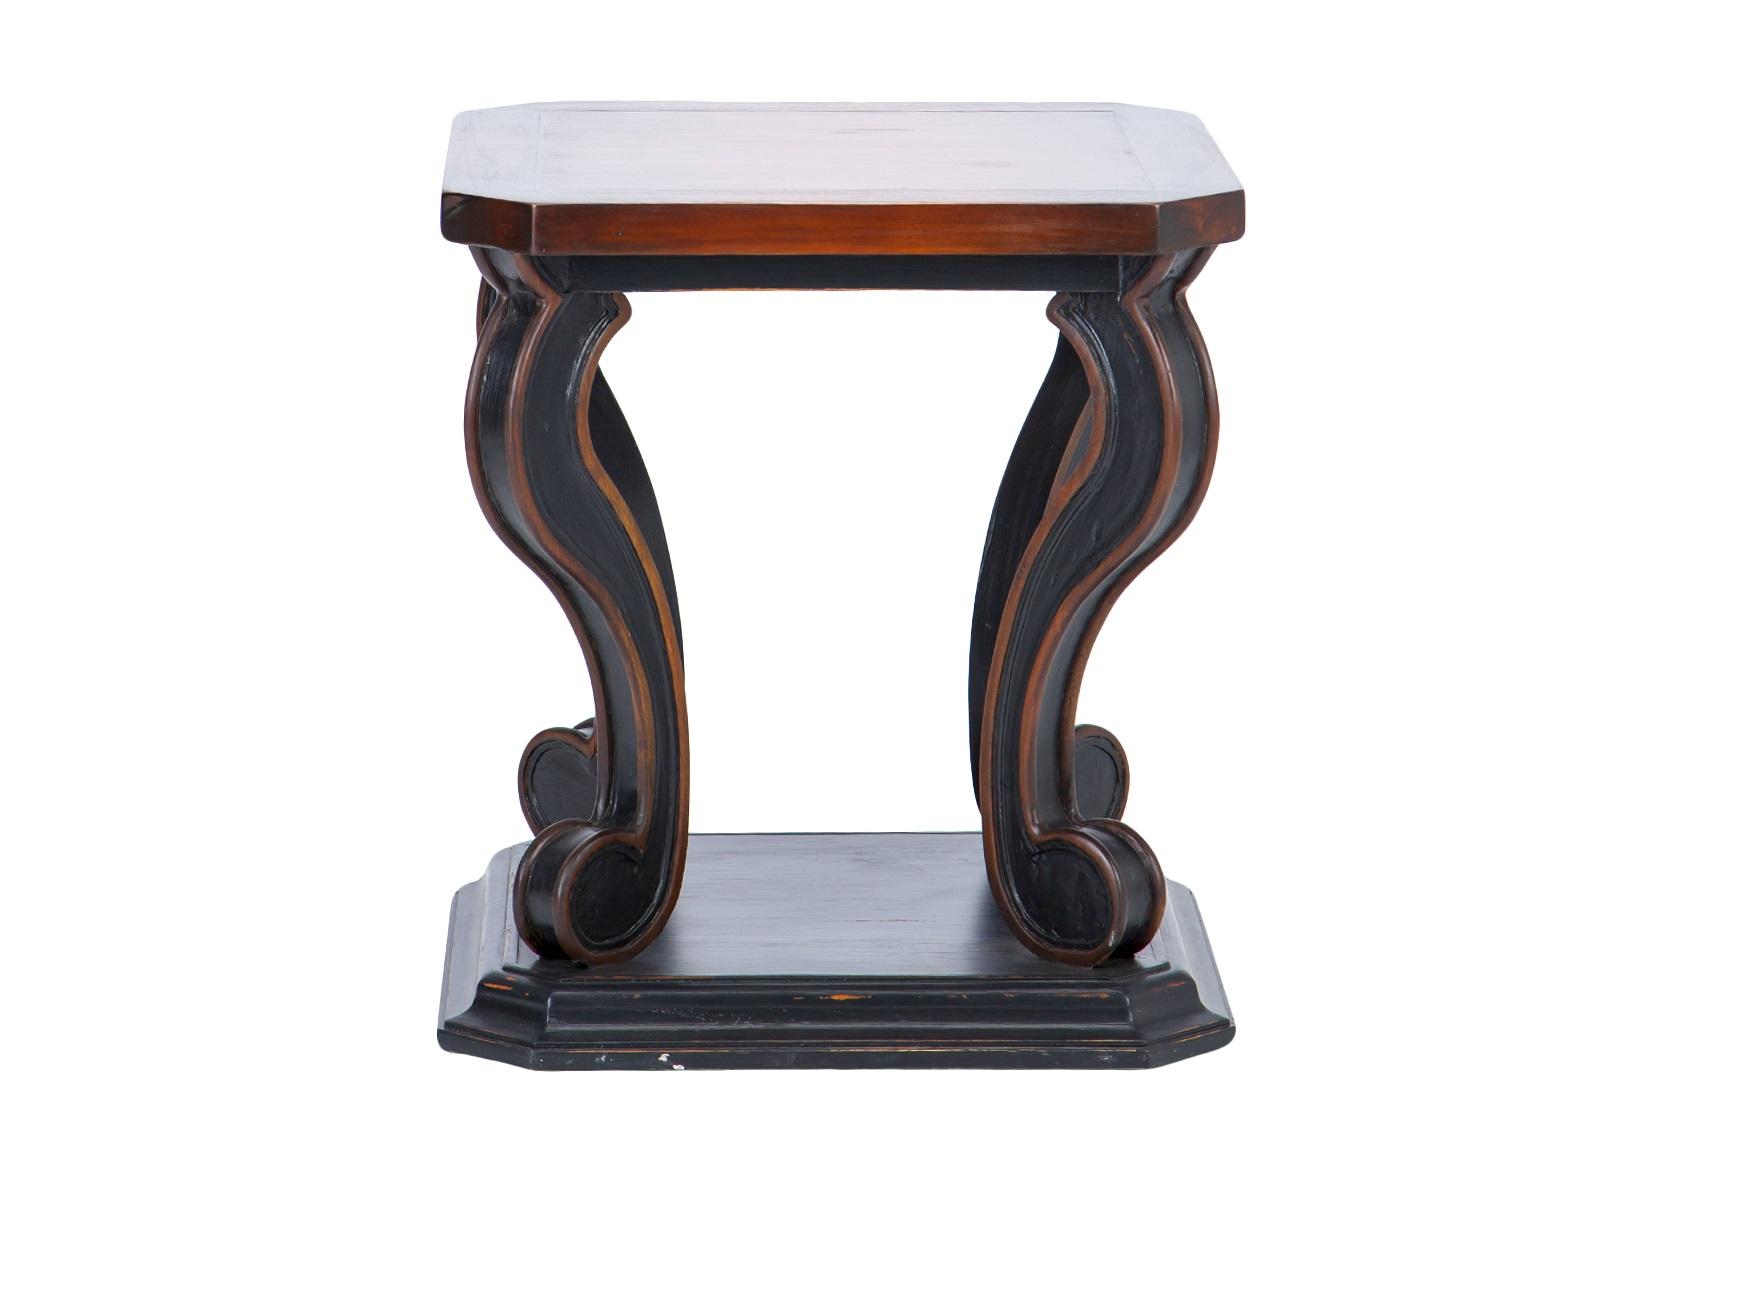 Ламповый столикПриставные столики<br>Ламповый столик из дерева махагони, декорирован старением.<br><br>Material: Красное дерево<br>Ширина см: 61<br>Высота см: 66<br>Глубина см: 61